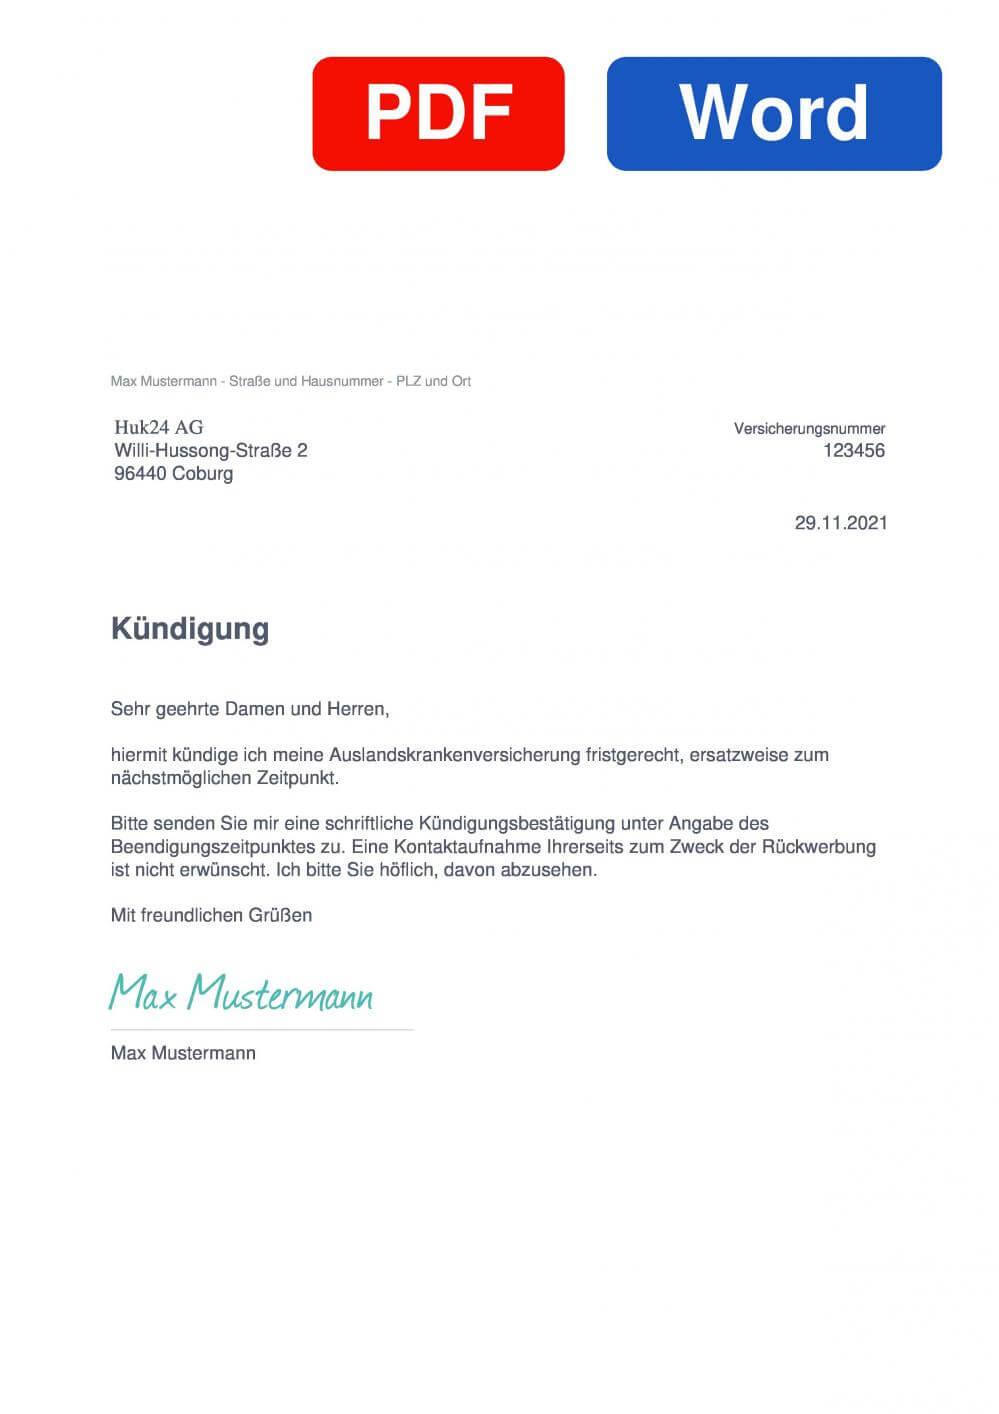 HUK24 Auslandskrankenversicherung Muster Vorlage für Kündigungsschreiben